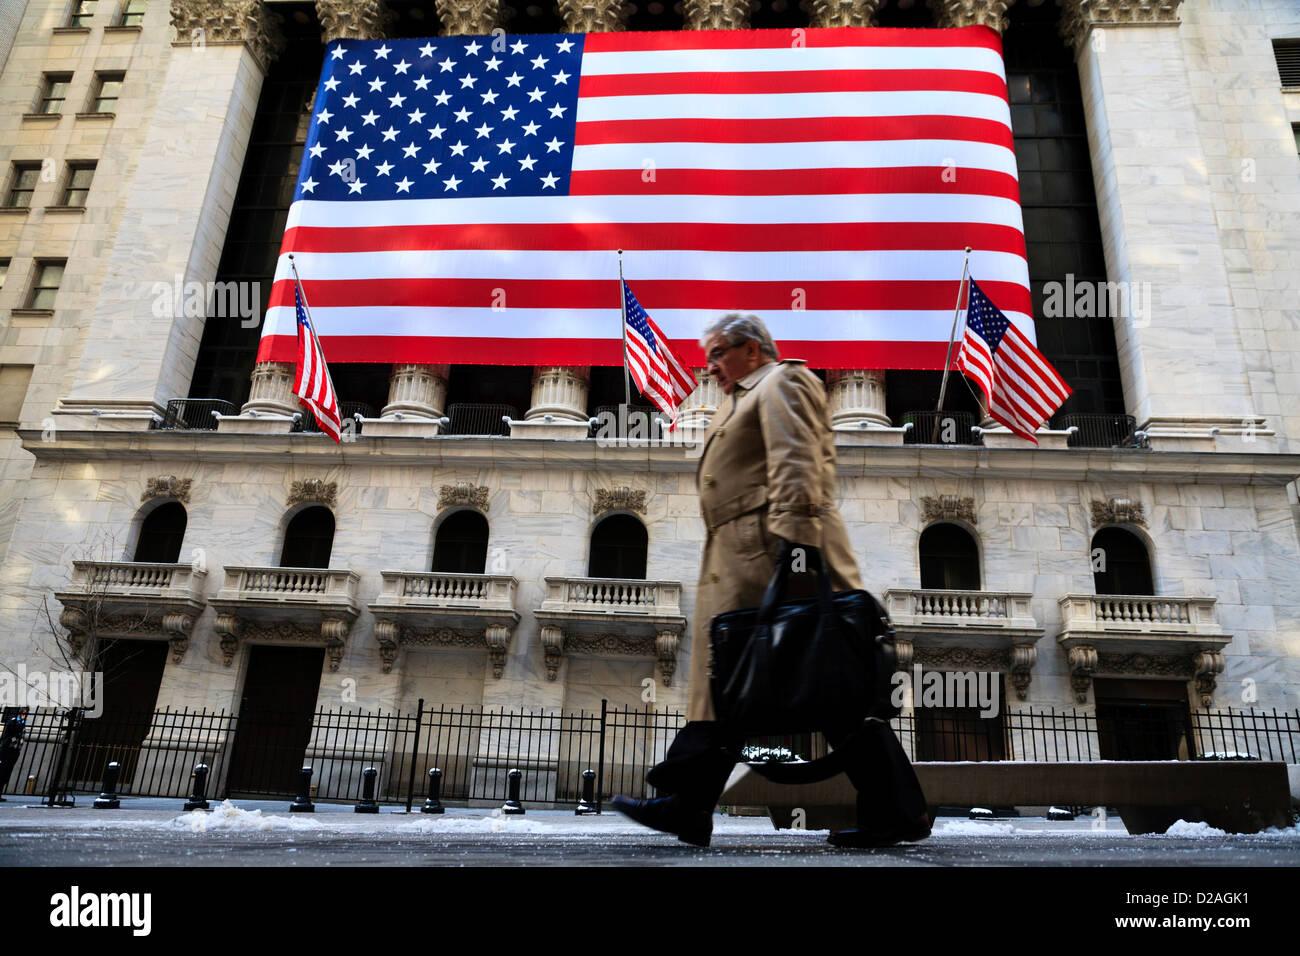 8fa6450a61 Gli imprenditori della Wall Street sono preoccupati come crescono i timori  di davanti del fine settimana le elezioni in Grecia e la crisi si  approfondisce ...